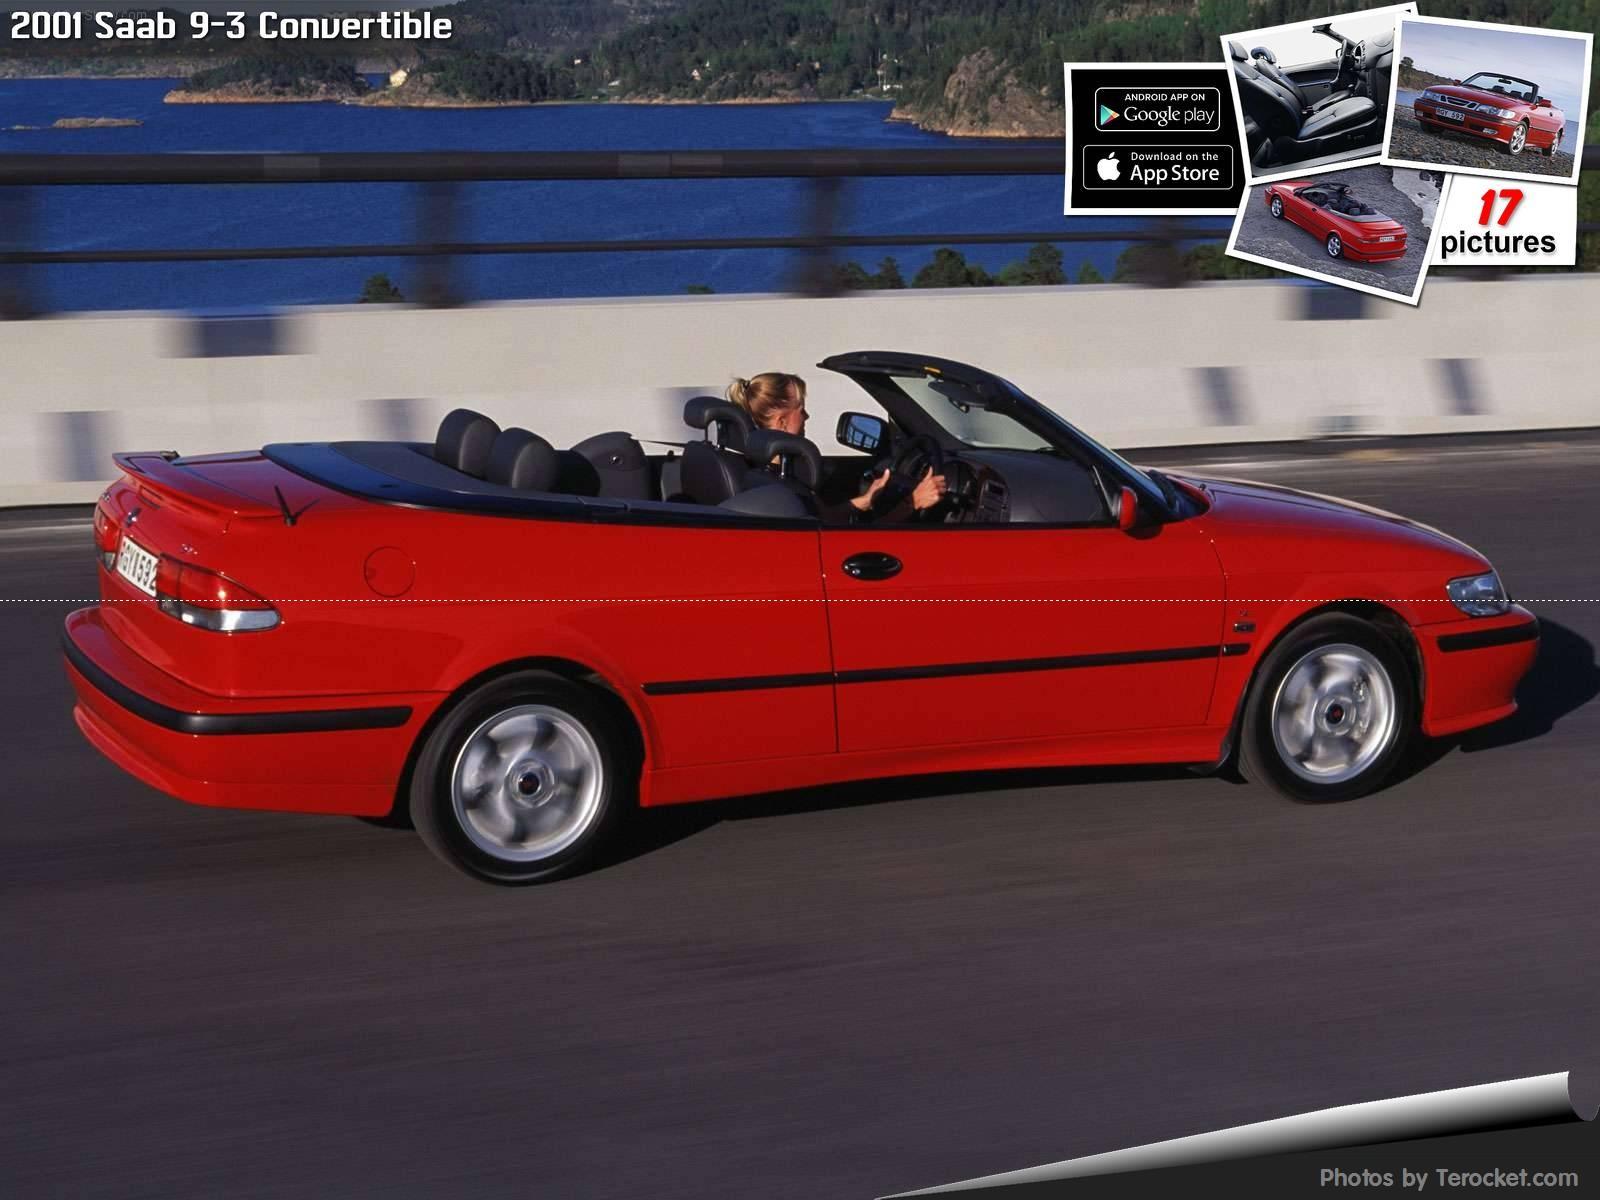 Hình ảnh xe ô tô Saab 9-3 Convertible 2001 & nội ngoại thất